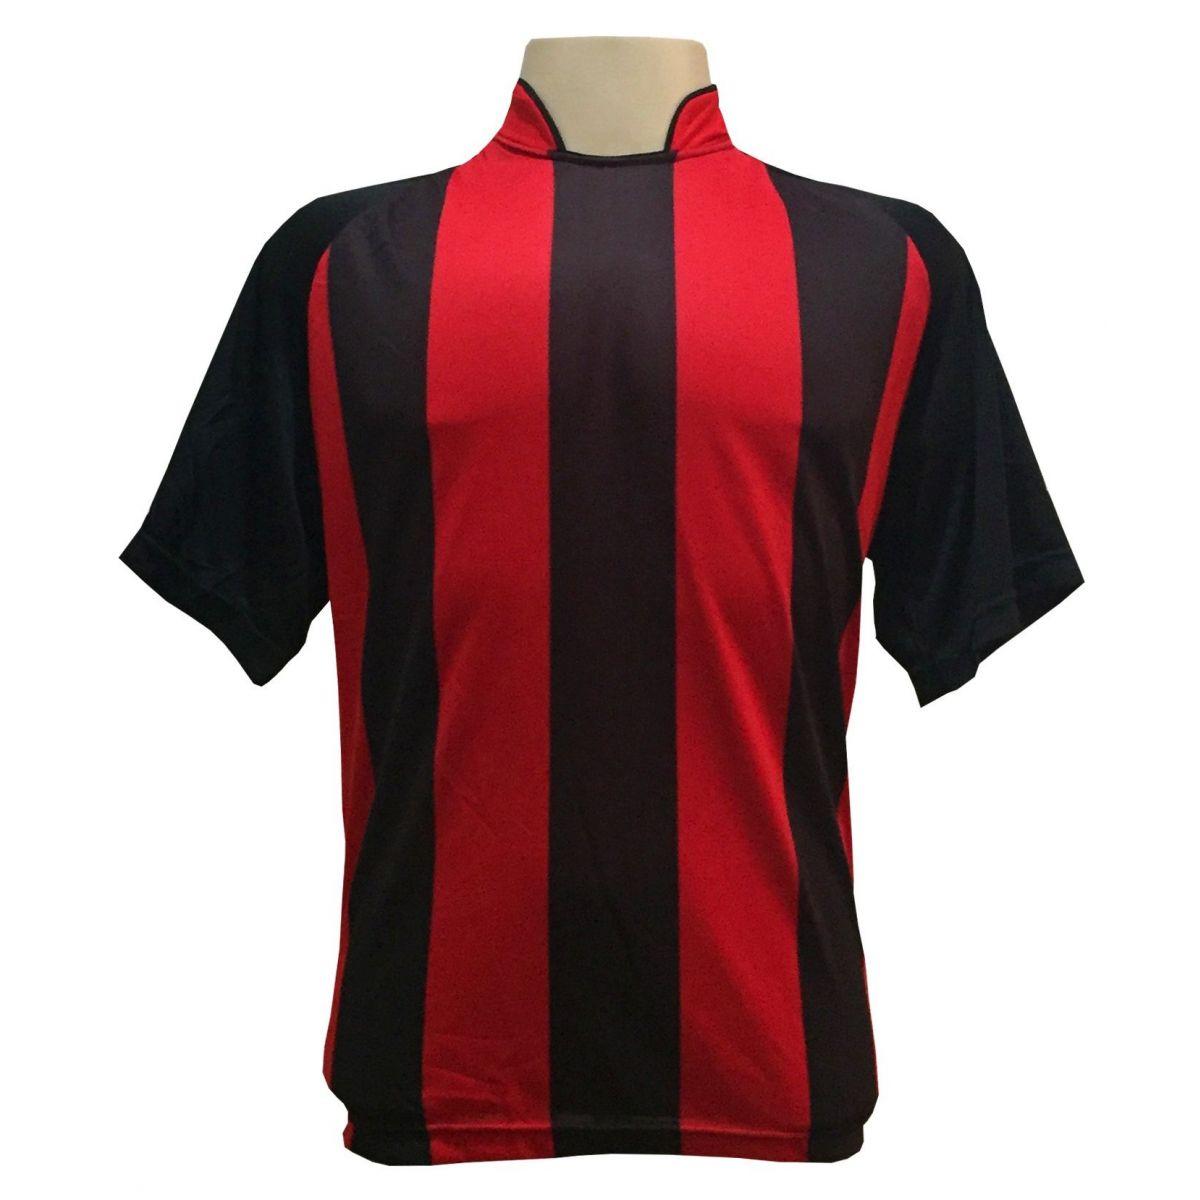 Uniforme Esportivo com 12 Camisas modelo Milan Preto/Vermelho + 12 Calções modelo Madrid Preto  - ESTAÇÃO DO ESPORTE